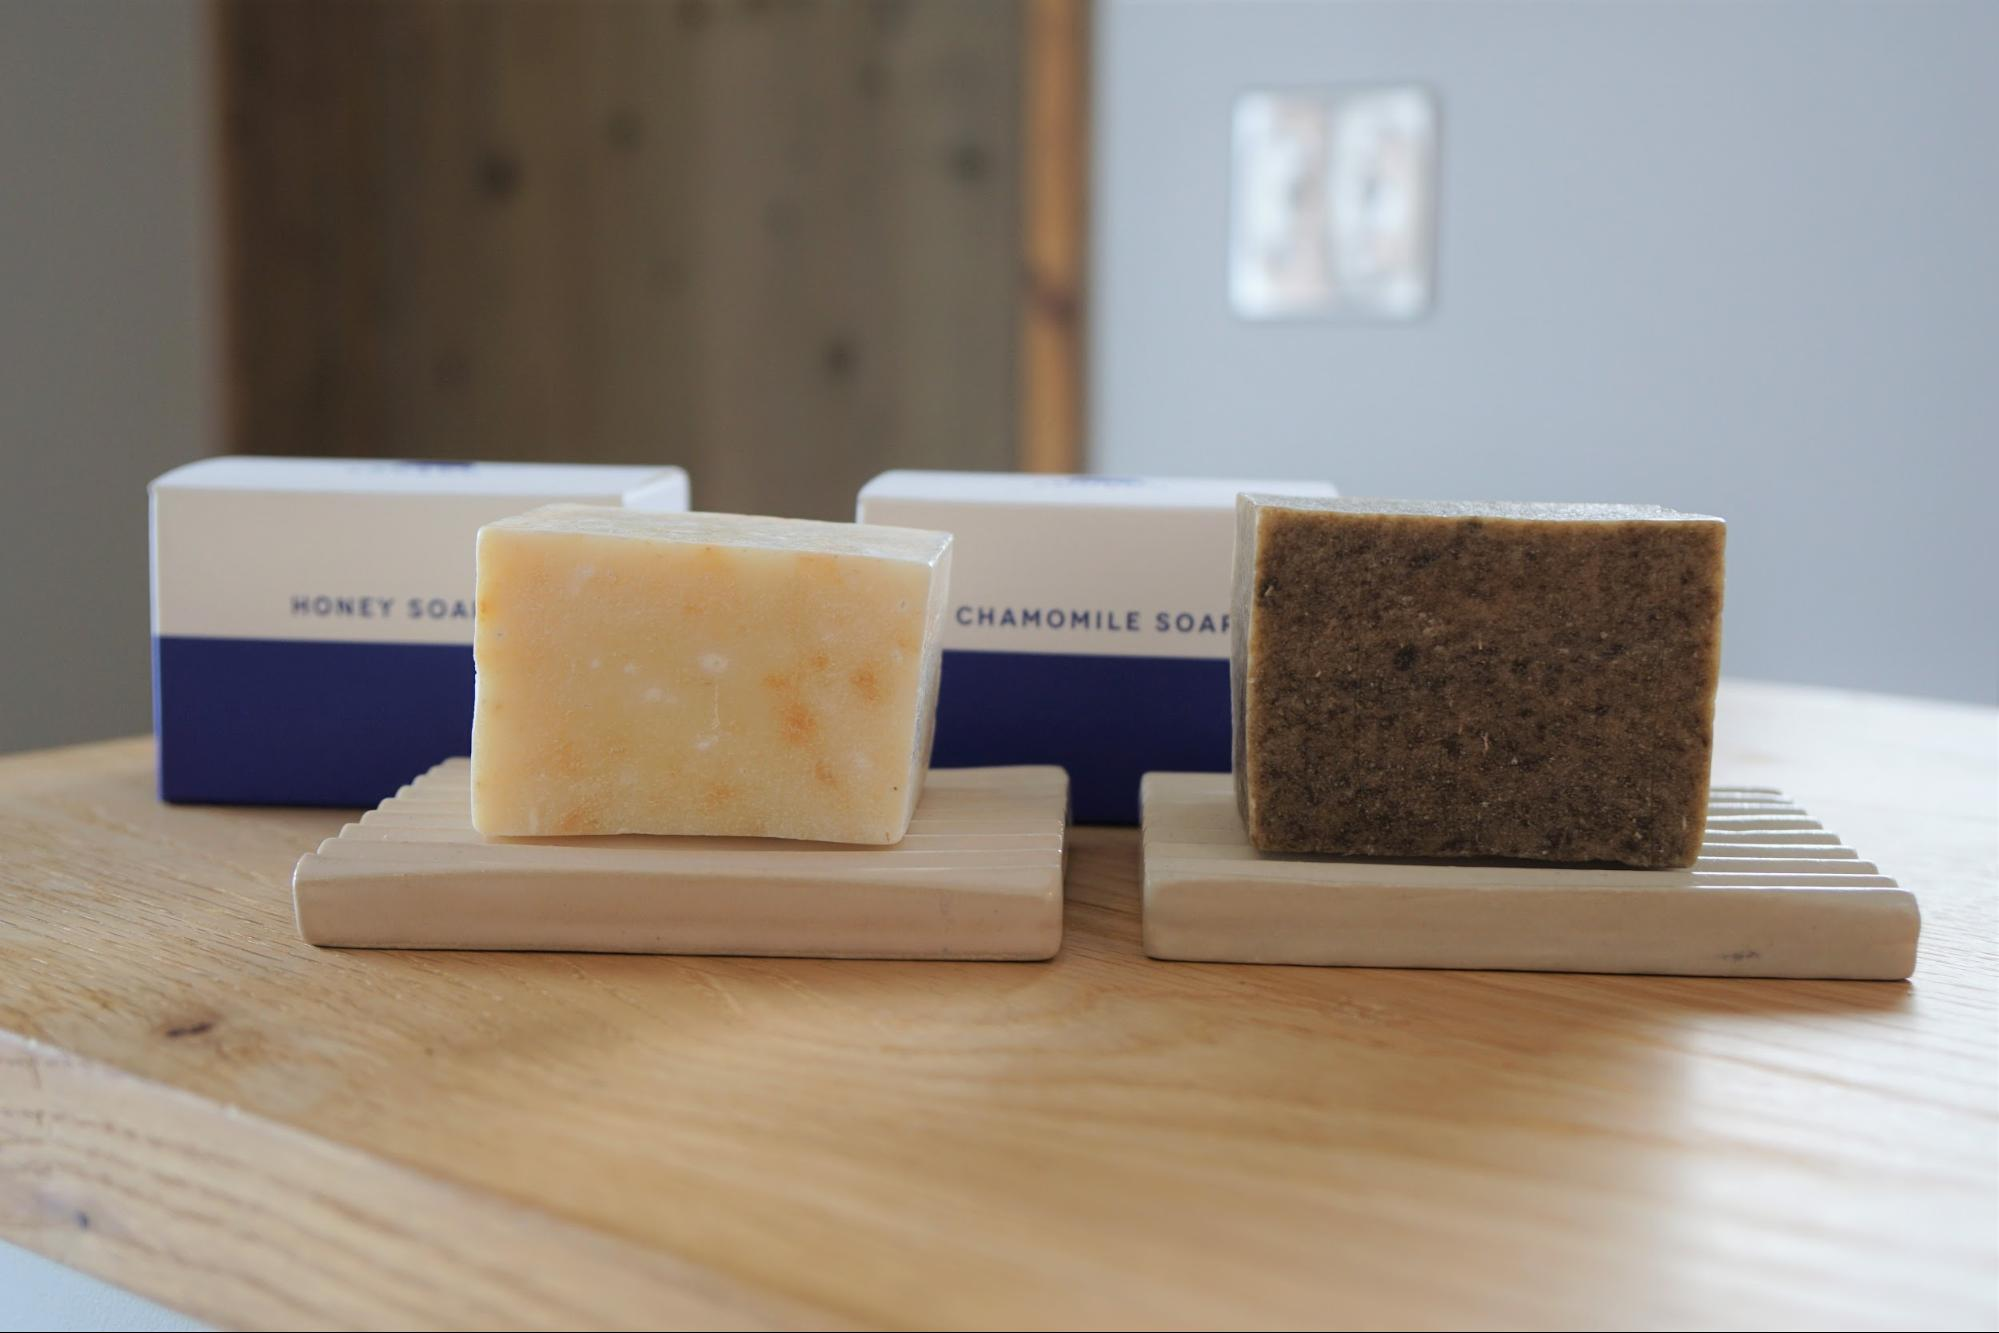 はちみつ石鹸(左)・カモミール石鹸(右)